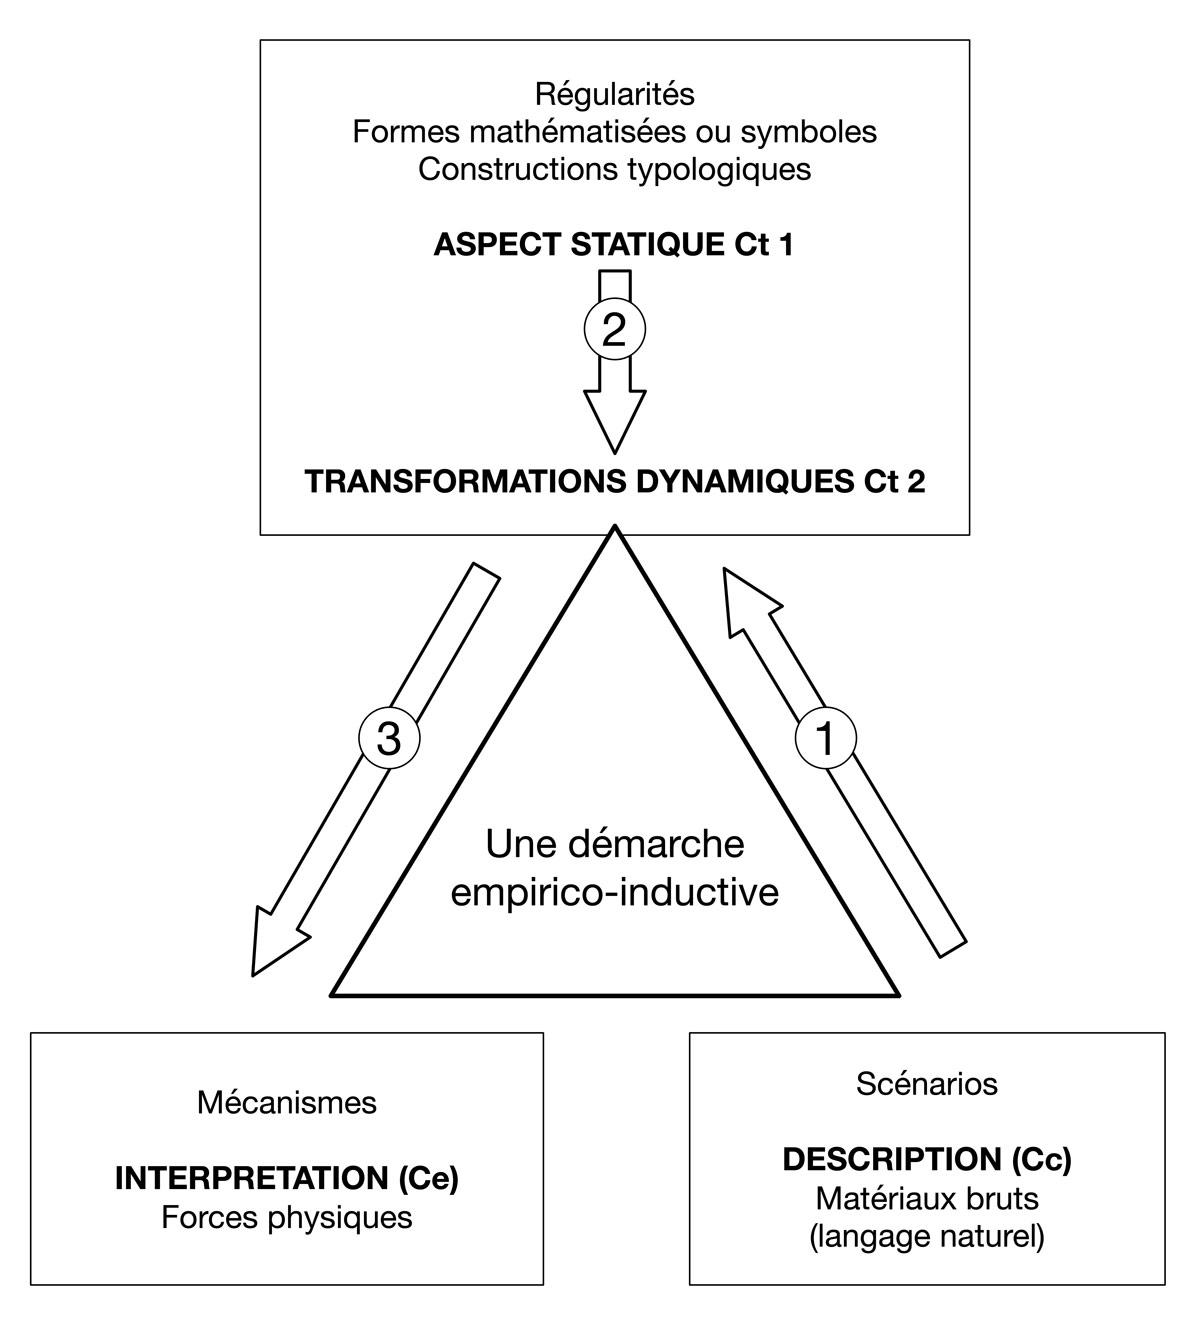 Fig. 4. Sens de la démarche interprétative de D'Arcy Thomson. On distingue une première approche purement descriptive/Cc), puis une phase interprétative permettant de distinguer des aspects statique et des transformations dynamiques (Ct). L'interprétation se situe au niveau des forces physiques responsables des formes observées (Ce). © Gallay.